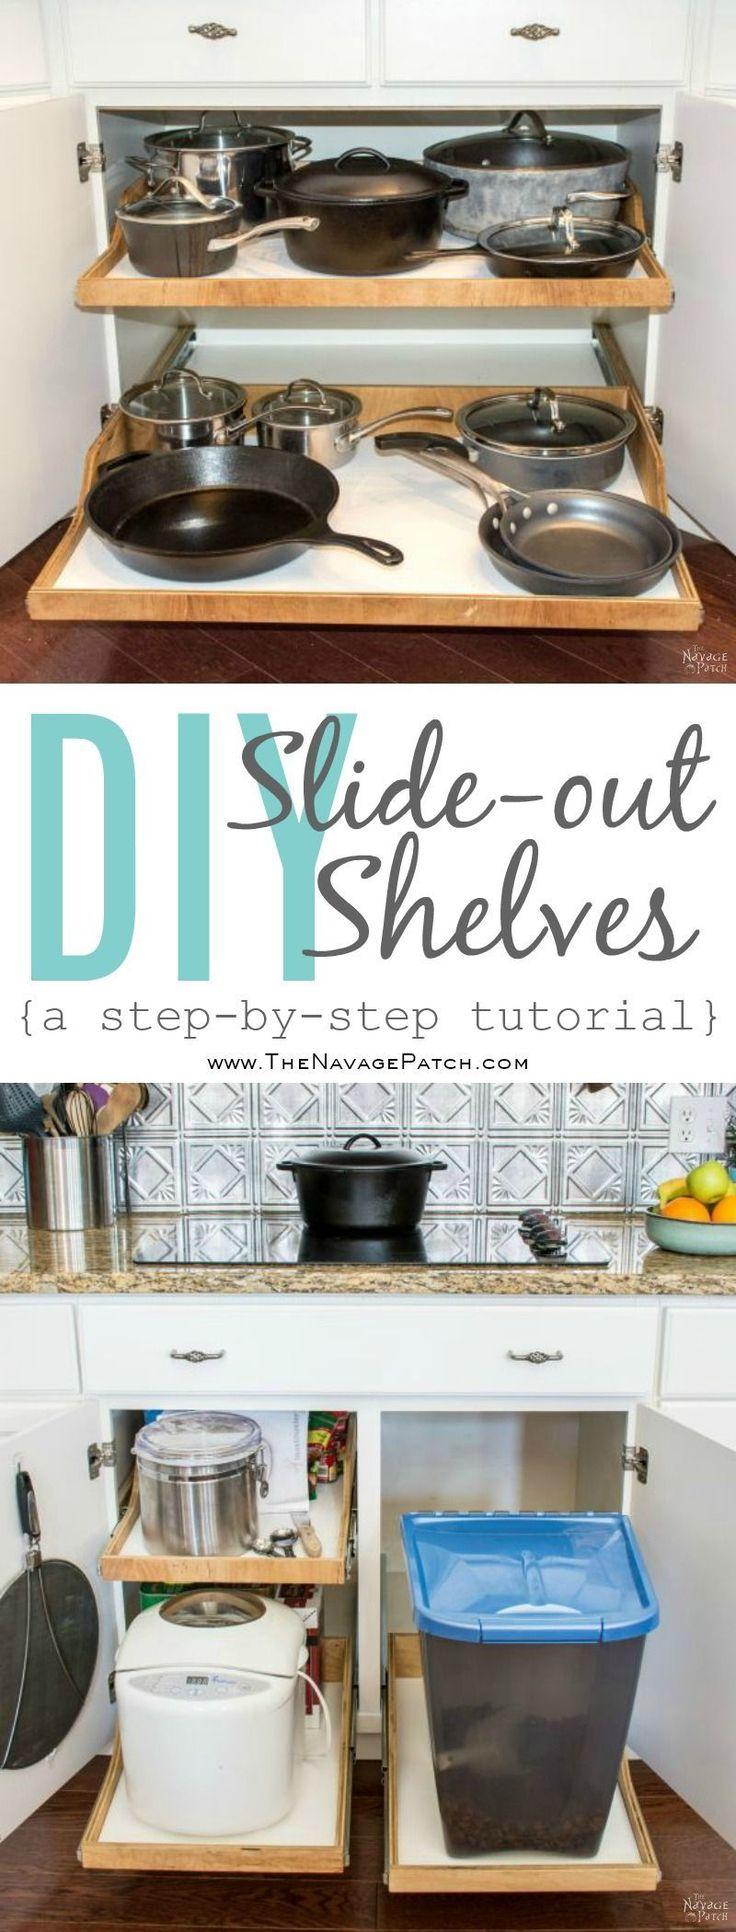 best 25 slide out shelves ideas only on pinterest sliding diy slide out shelves diy pull out kitchen shelves how to make